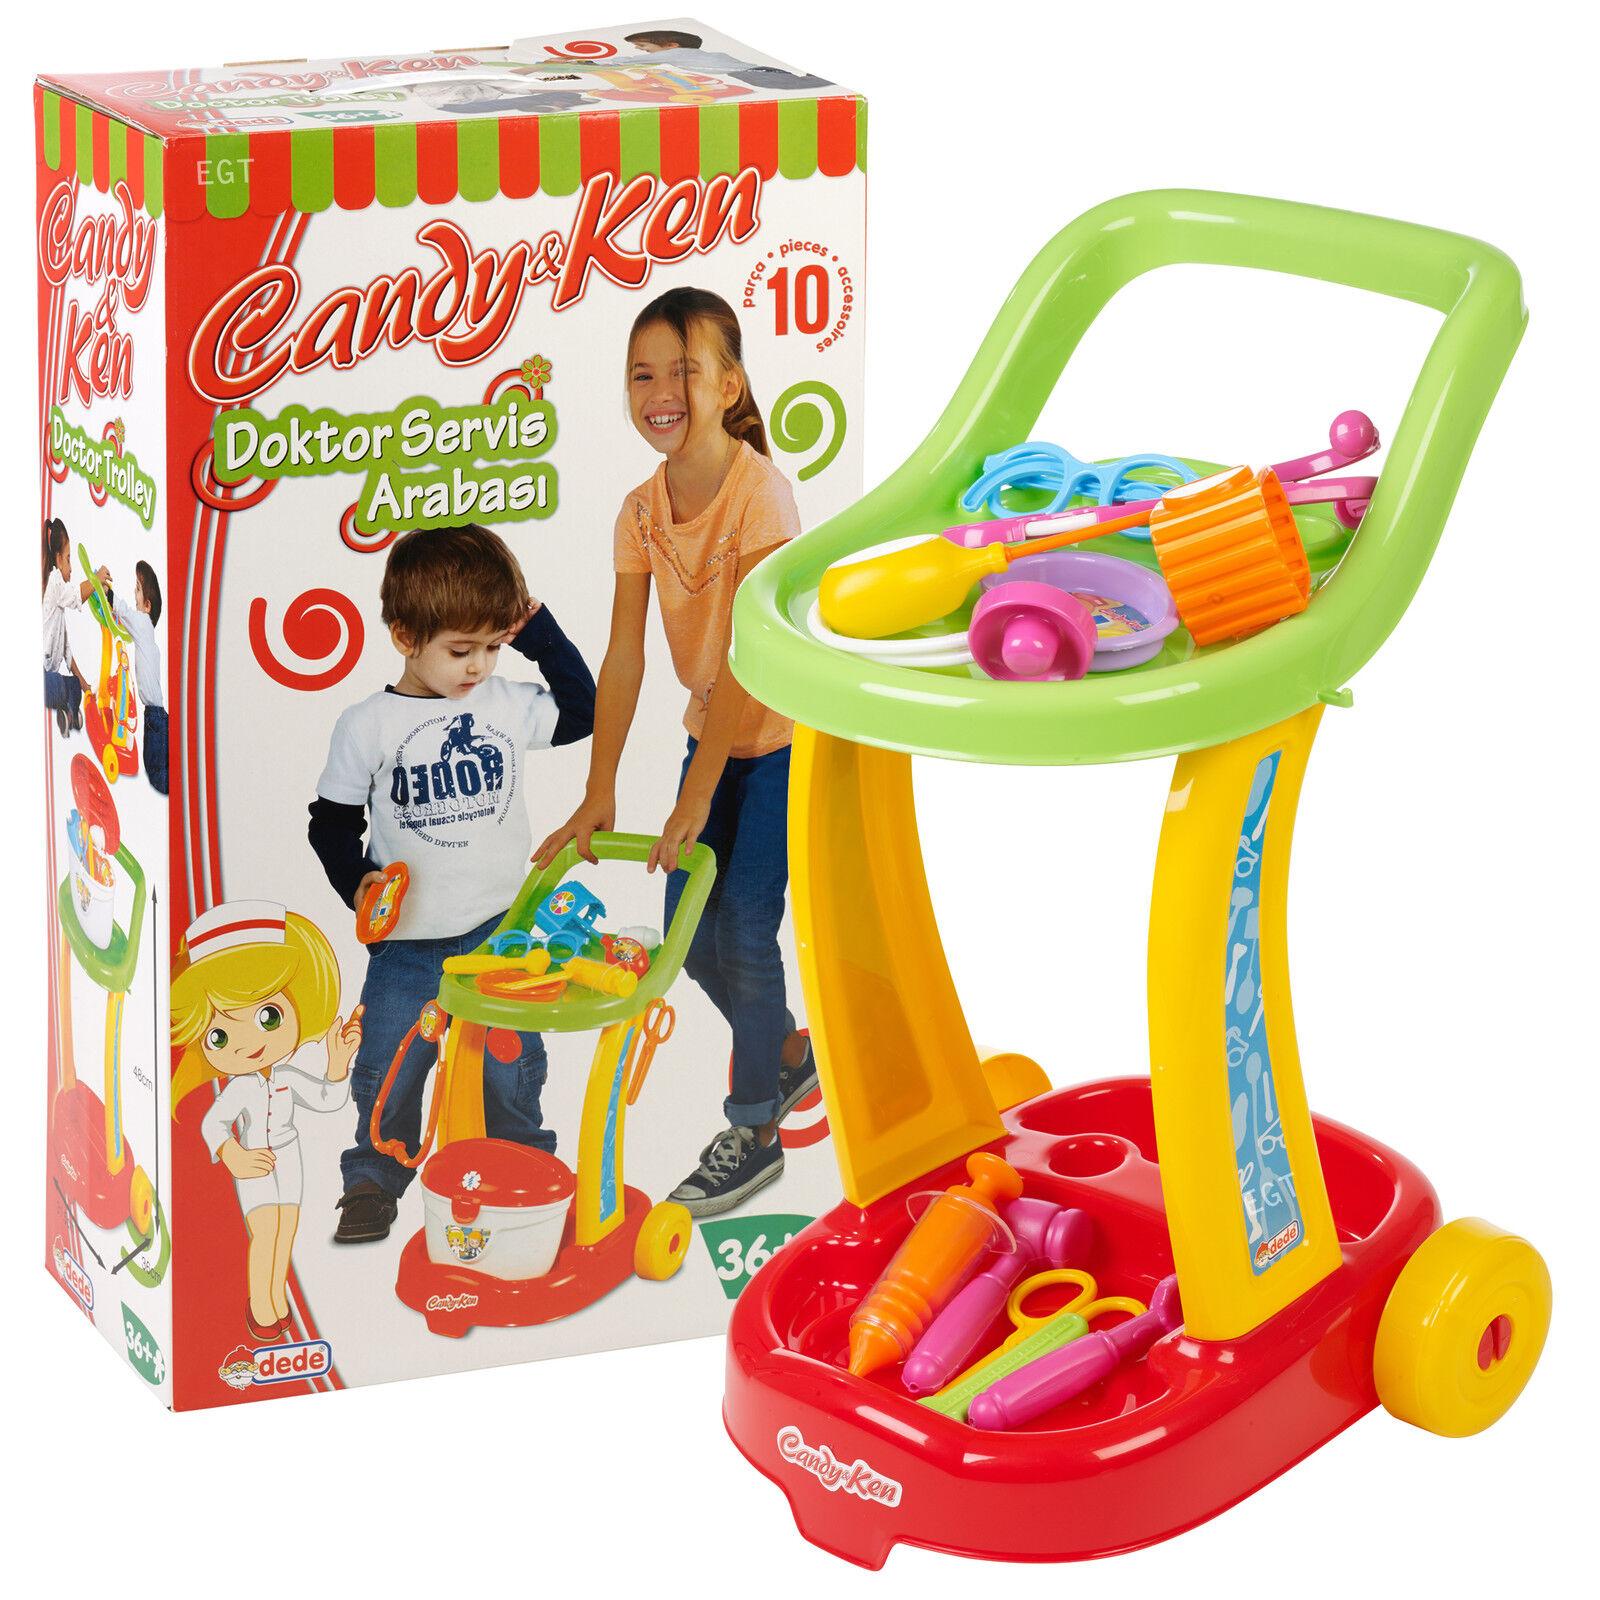 Bambini Ragazzi Ragazze Dottore Infermiere Medico TROLLEY KIT SET ROLE PLAY Finta giocattolo divertente